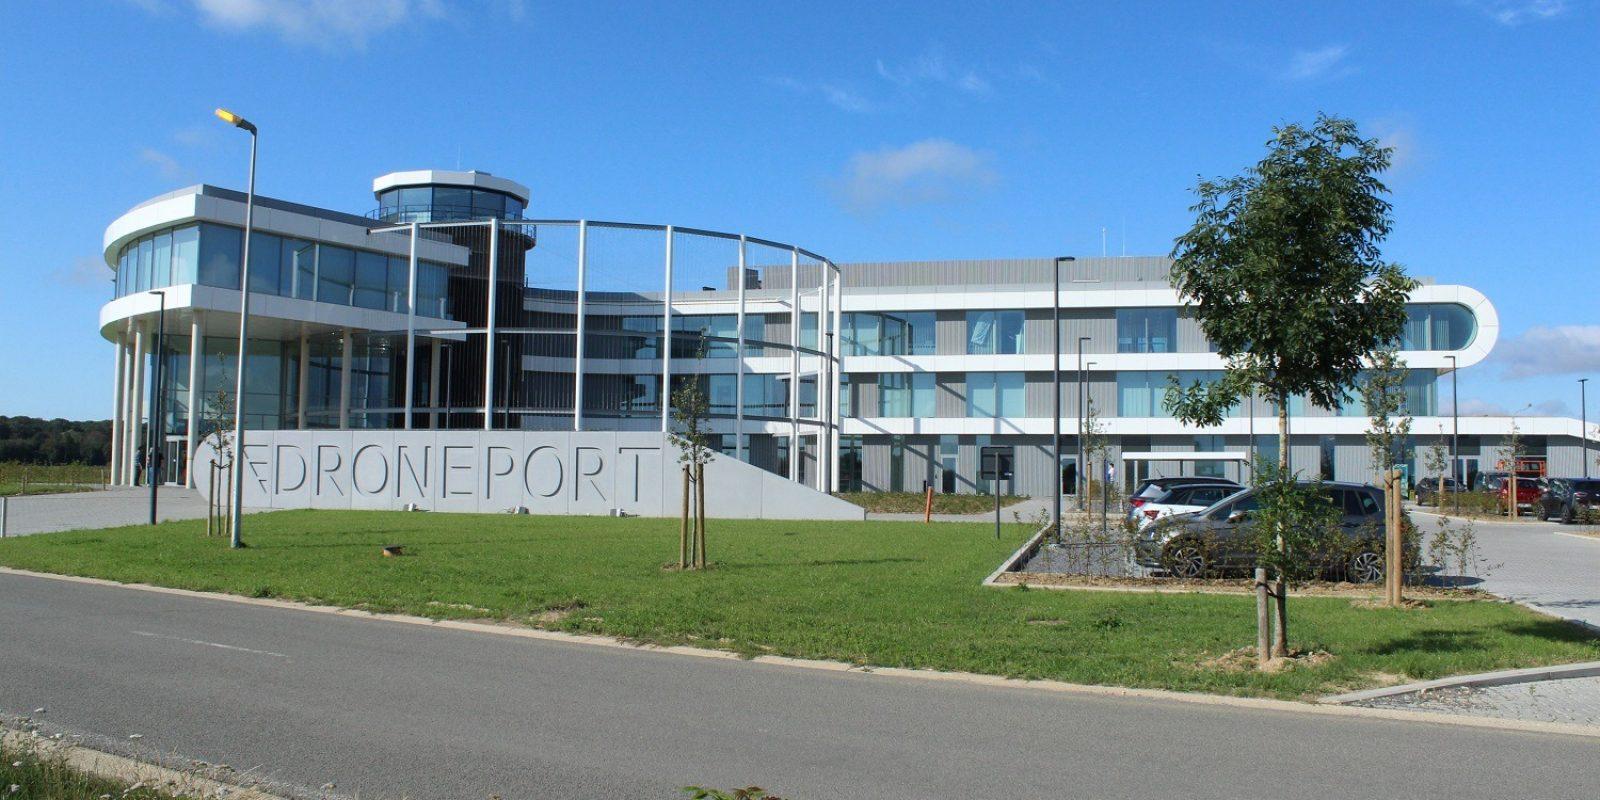 Le superbe bâtiment Droneport a été inauguré en décembre 2018. On voit la « cage » qui jouxte la partie principale de l'immeuble et permet des démonstrations et essais de drones en toute sécurité. (Photo Guy Viselé)